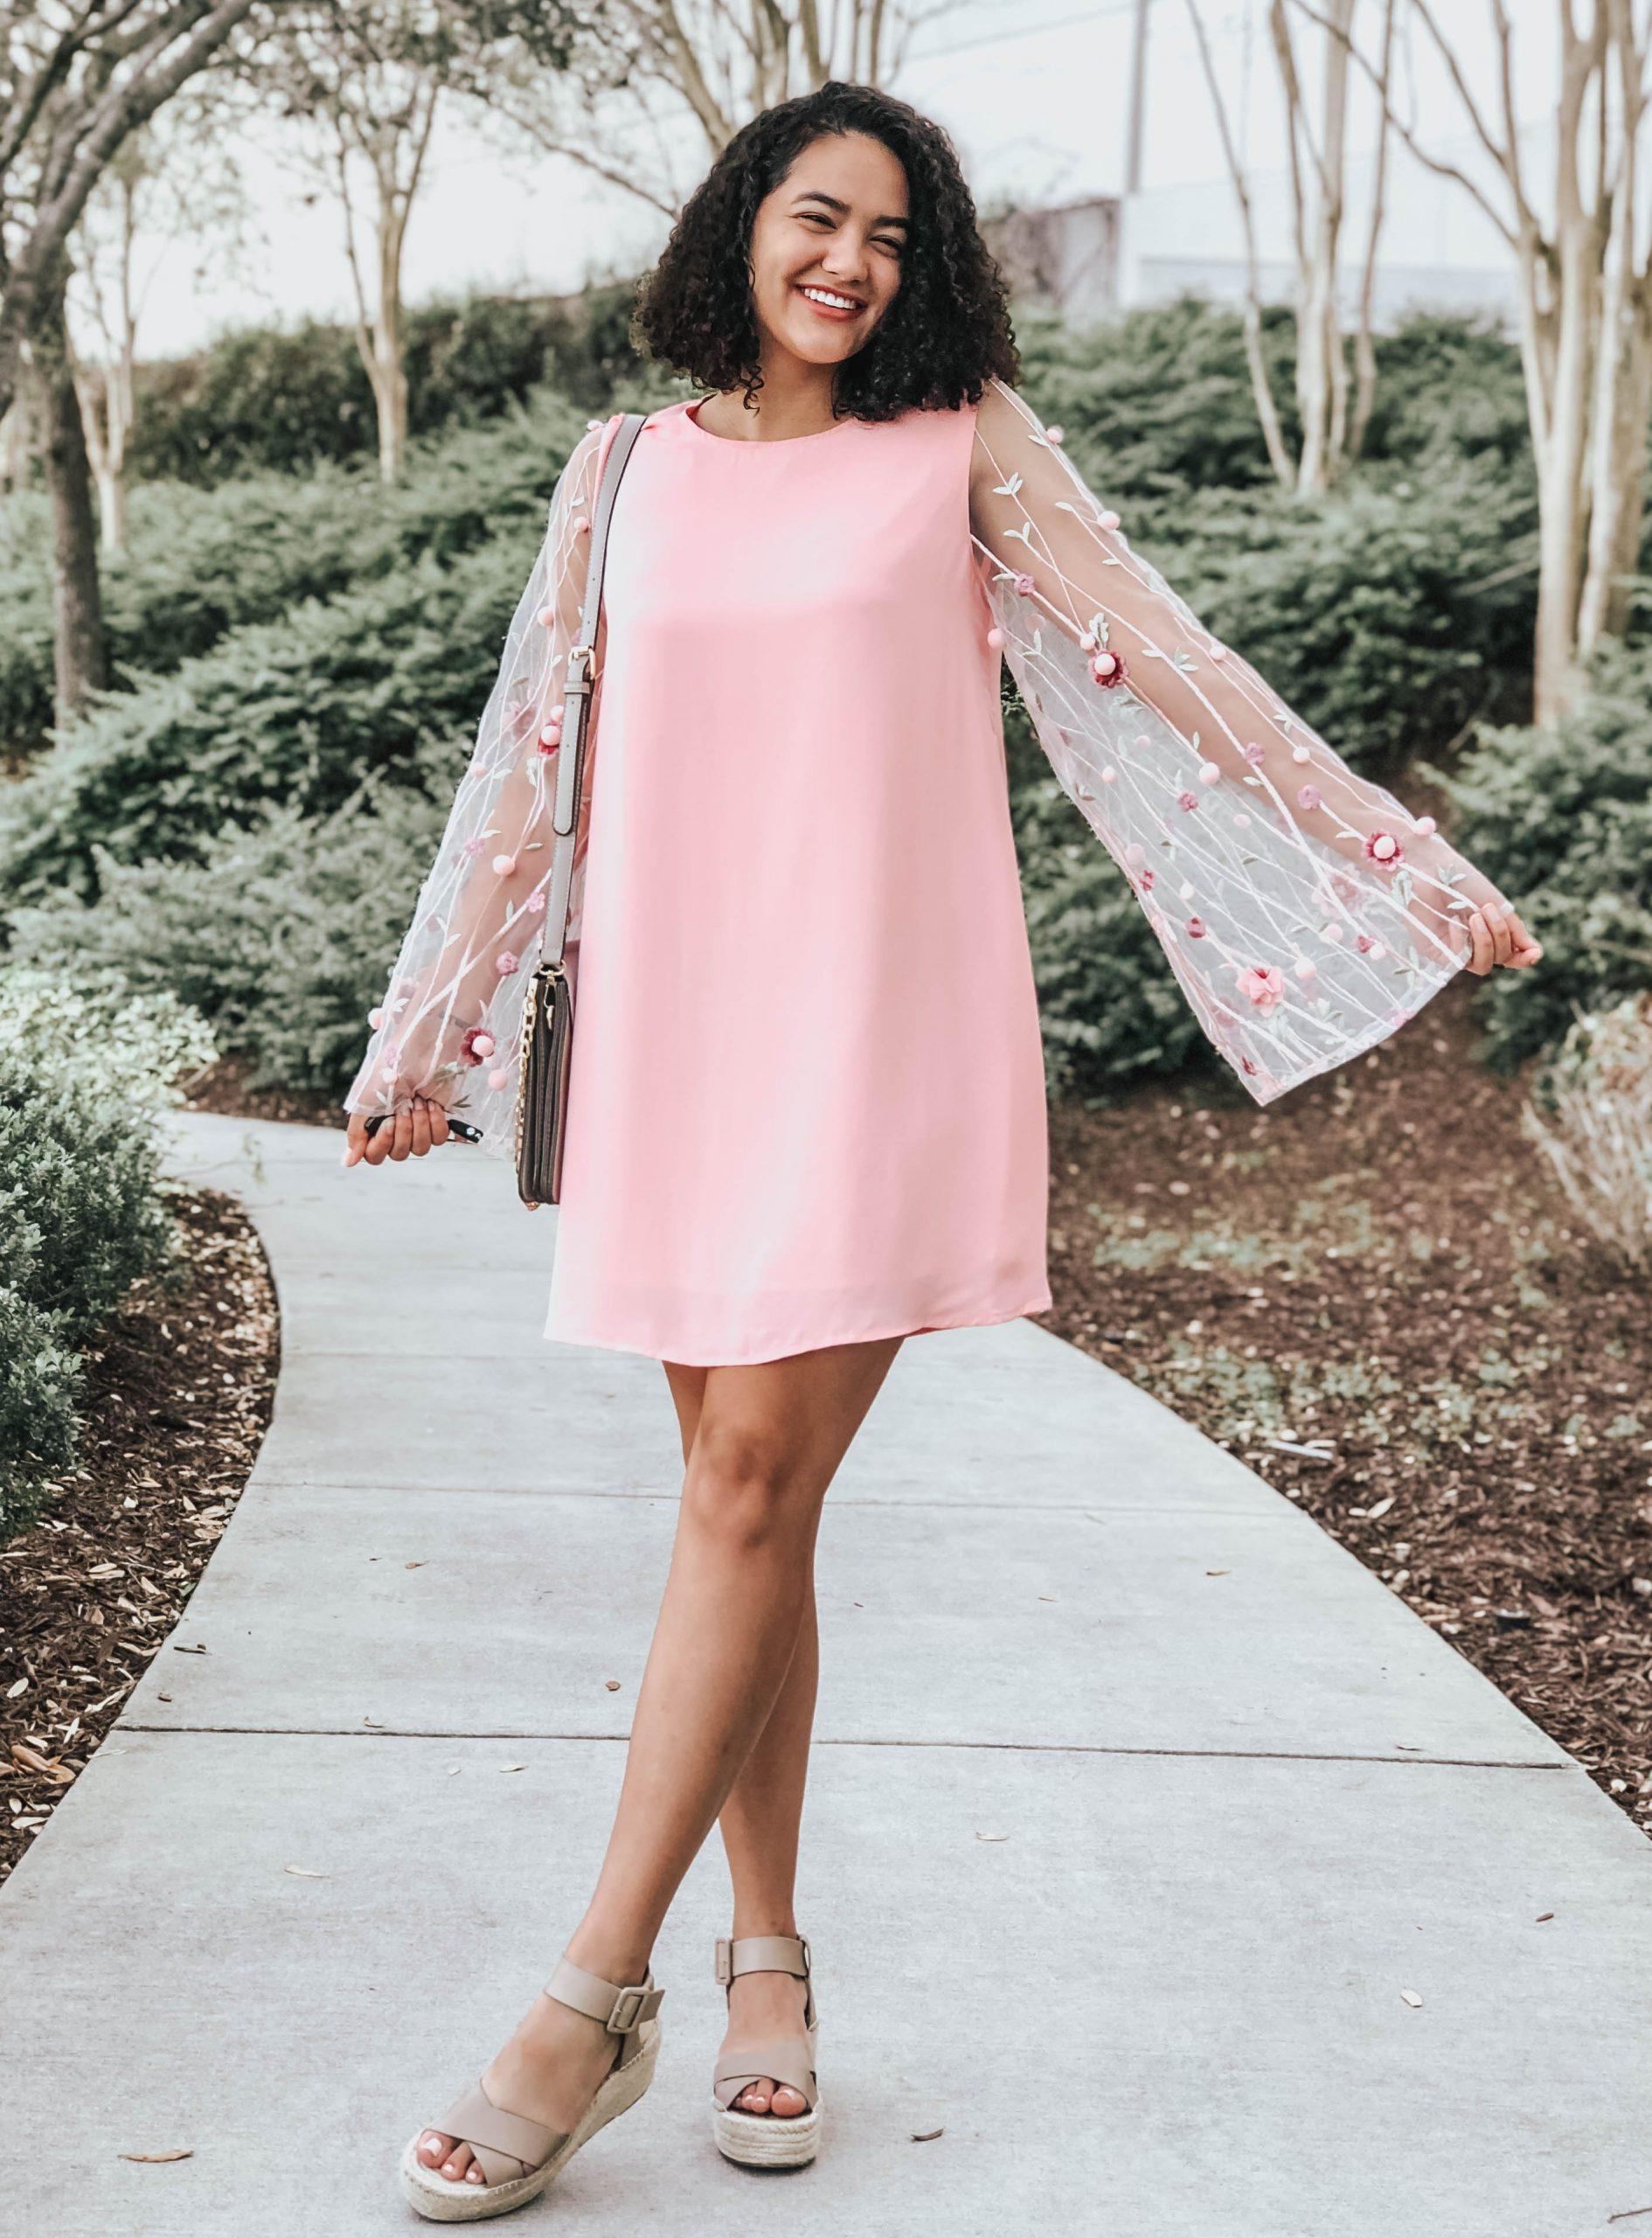 Pink Shift Dress with 3D Embellished Sleeves and Faltform Sandals